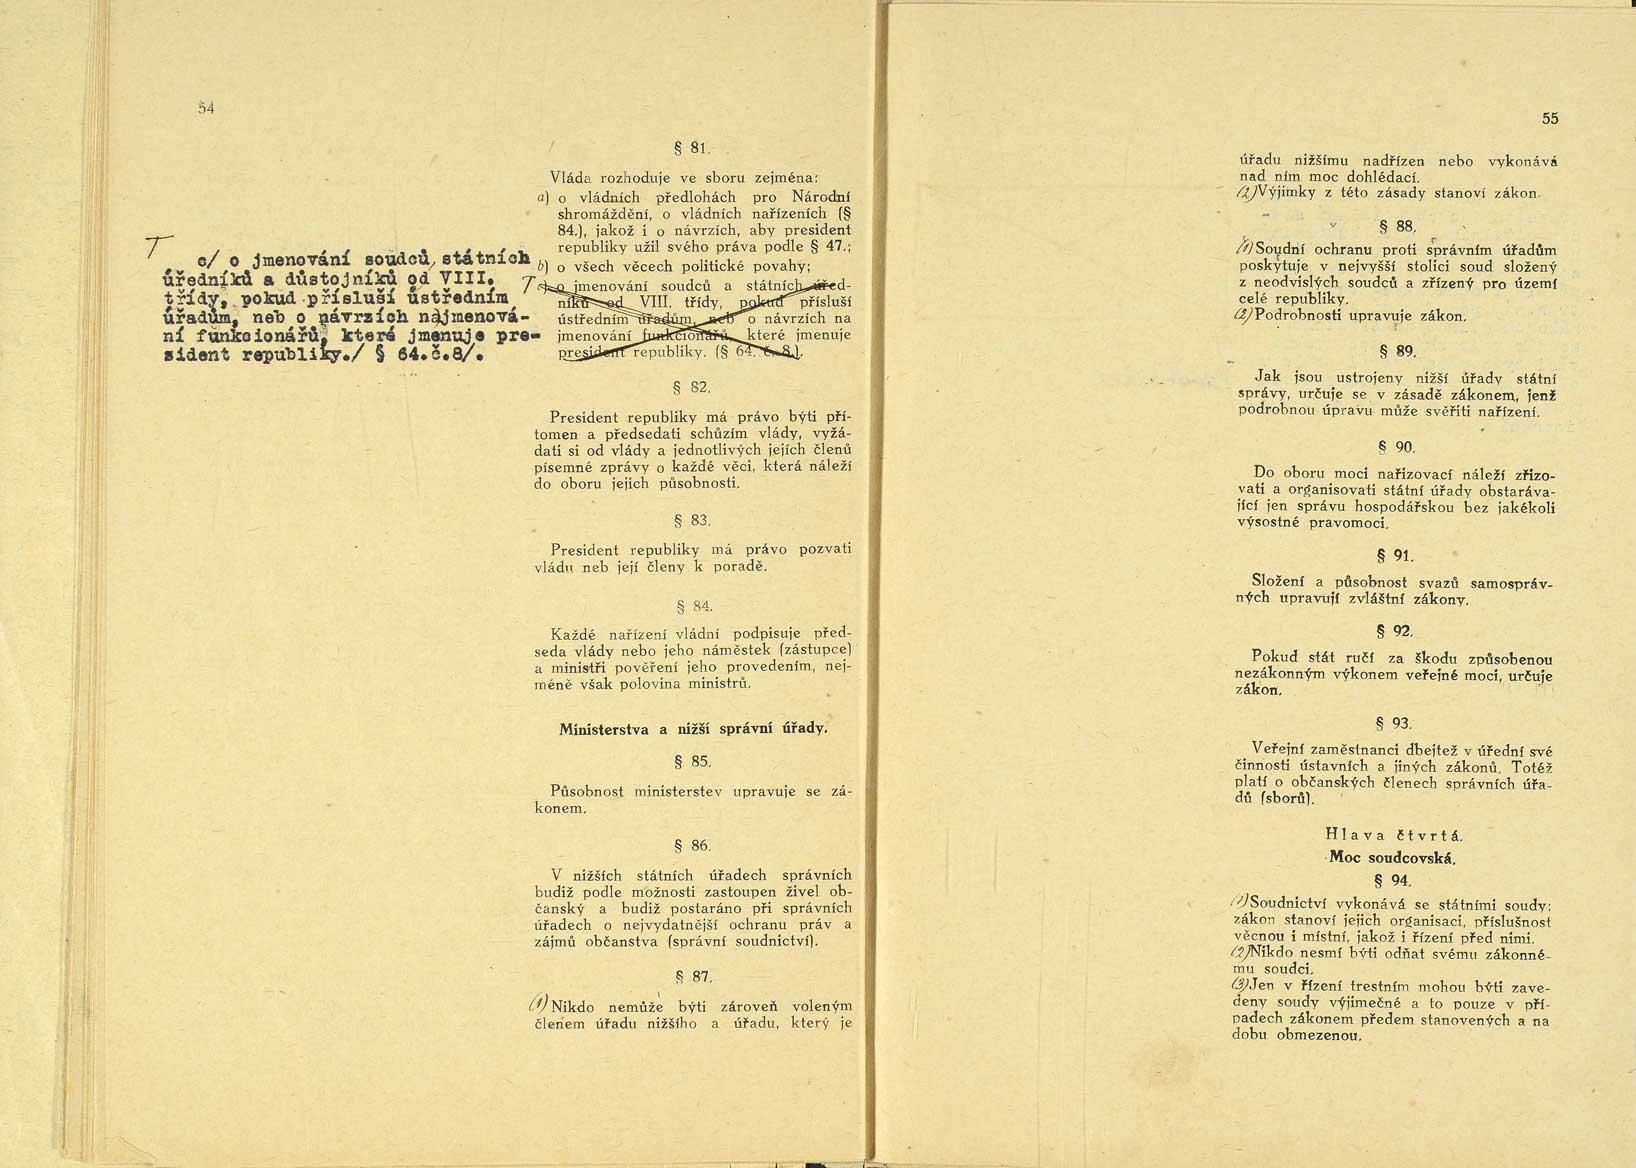 Originál ústavy publikované ve Sbírce zákonů anařízení pod č. 121, 29. 2. 1920